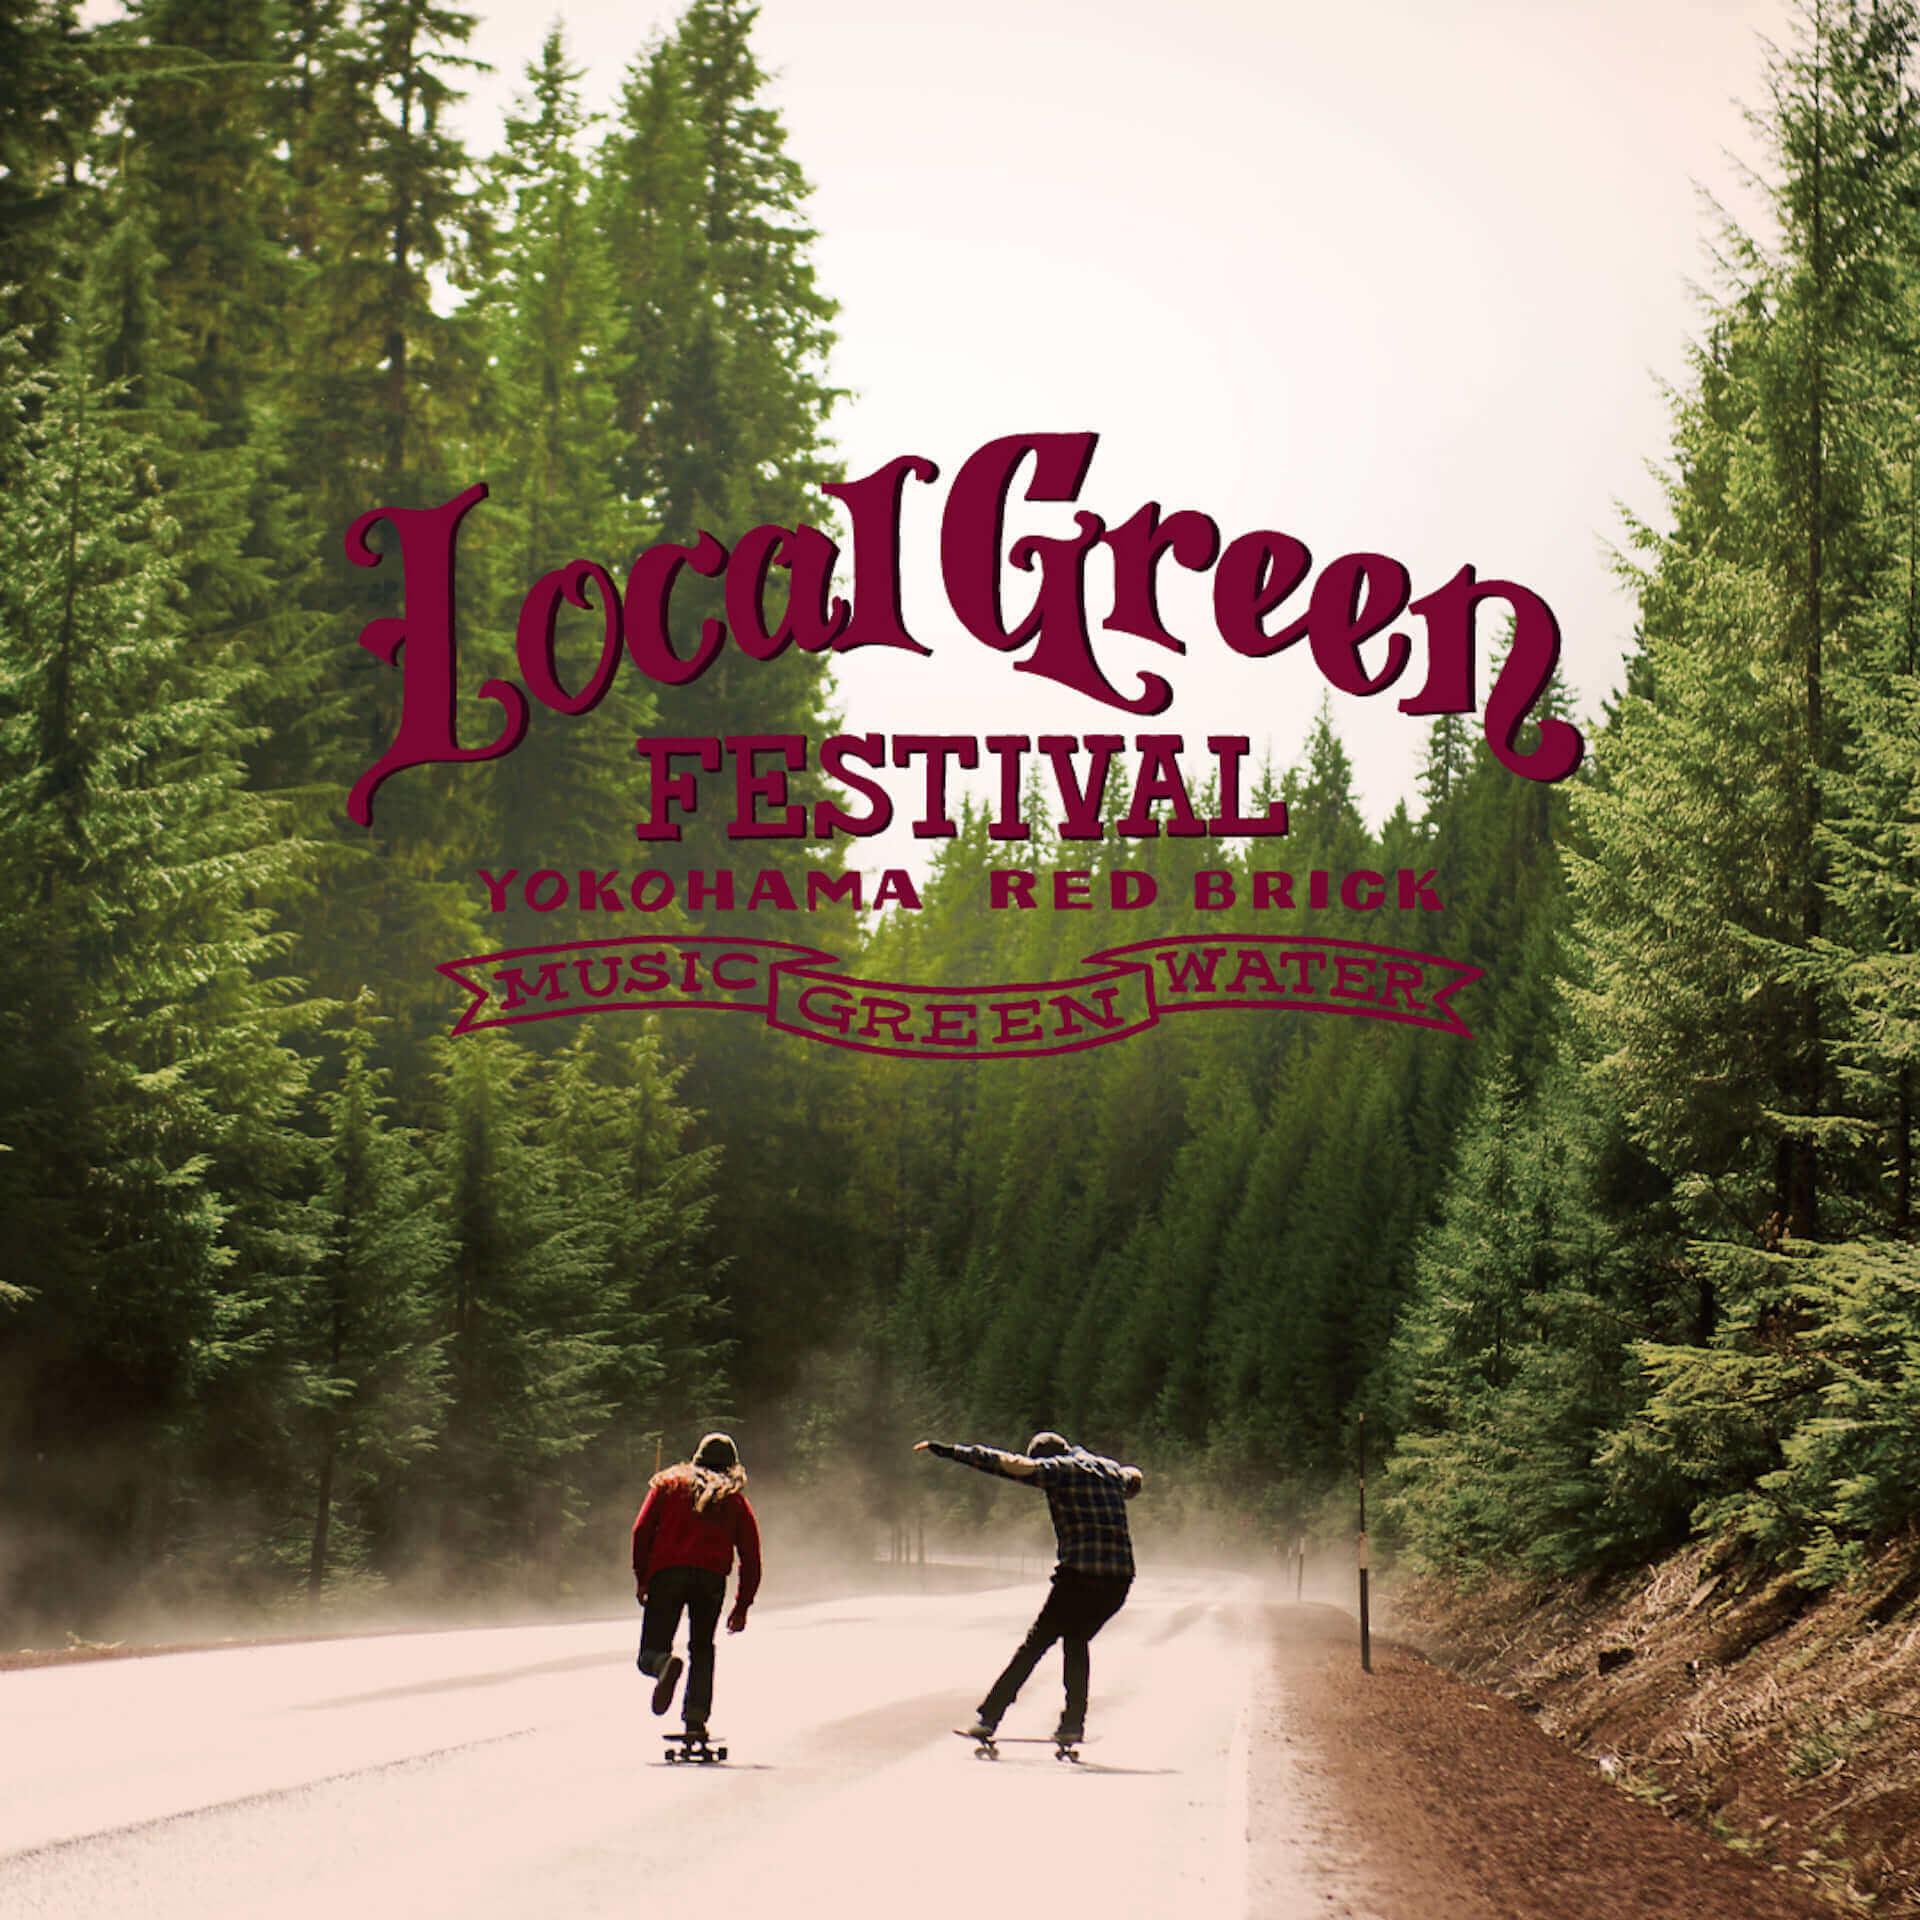 2日間に渡り開催される<Local Green Festival'21>のタイムテーブルが発表︕ music210817_localgreenfestival213